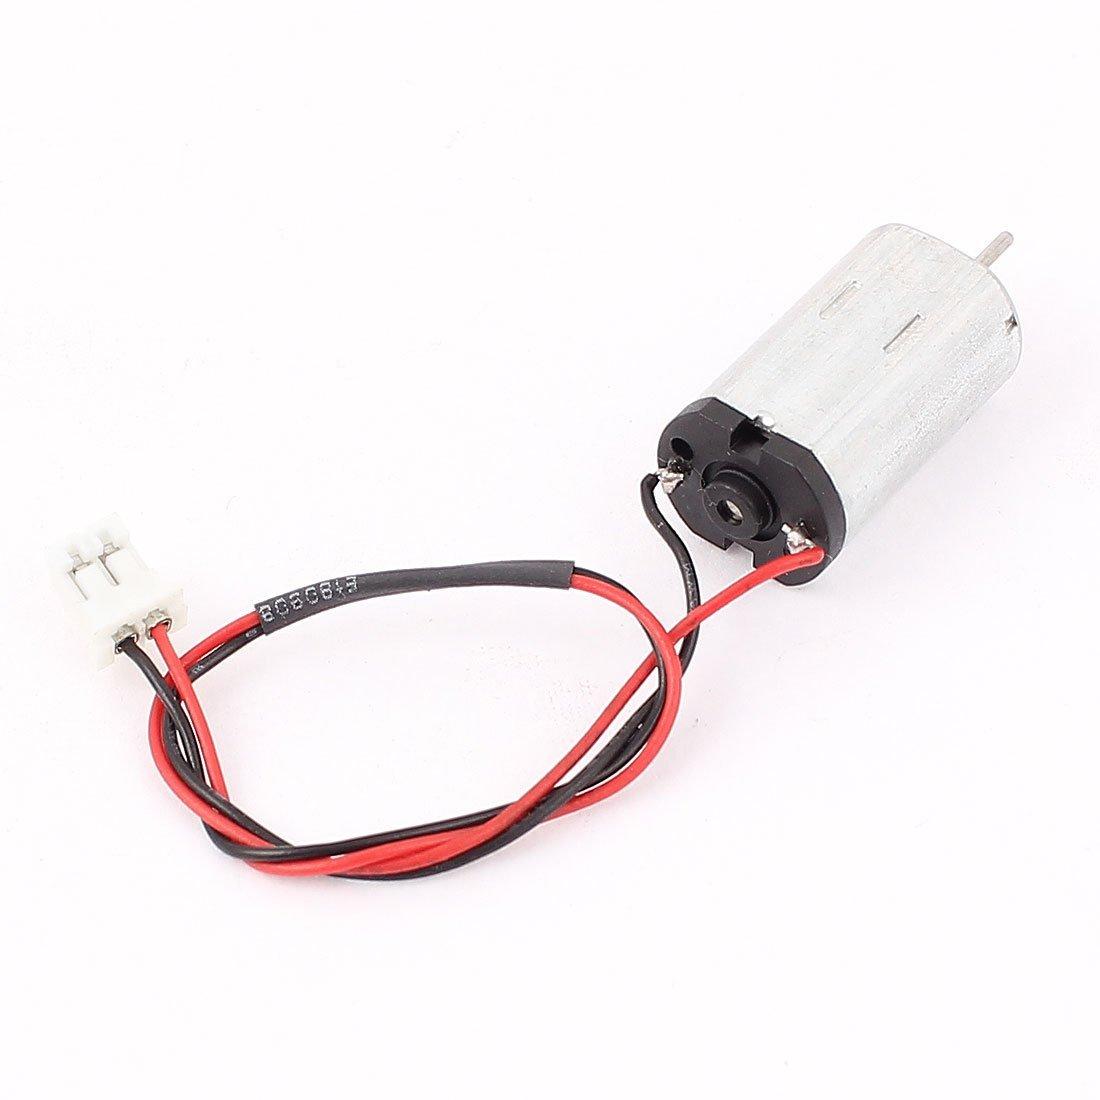 DC 1.5V-6V 26500RPM micro de alta velocidad del motor para Accesorios de los juguetes - - Amazon.com